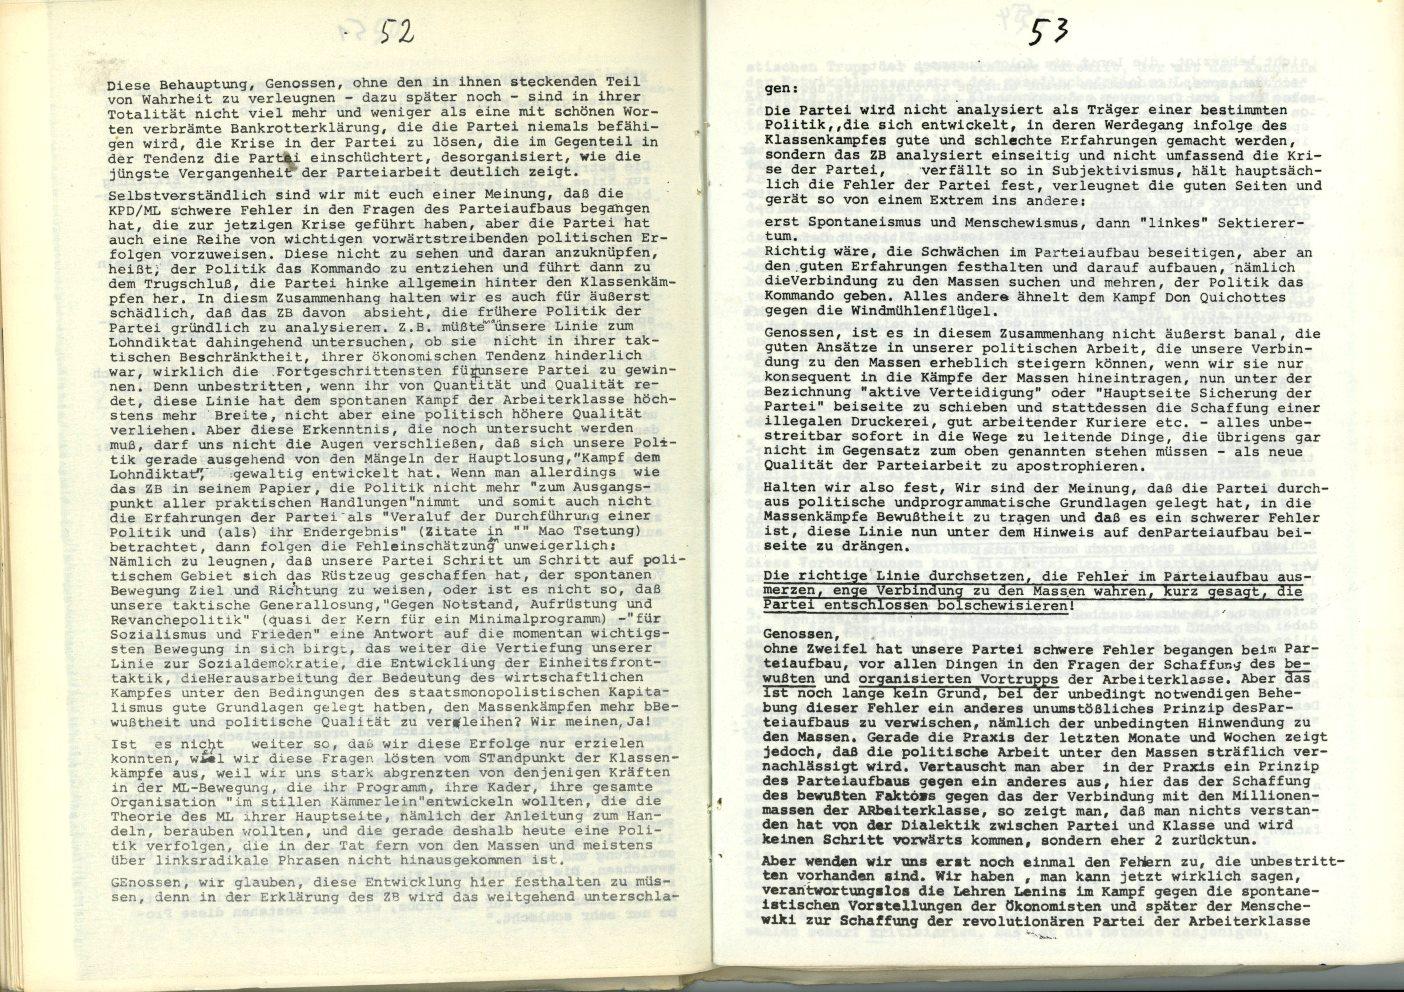 ZB_1972_Diskussionsorgan_zur_ersten_Parteikonferenz_29